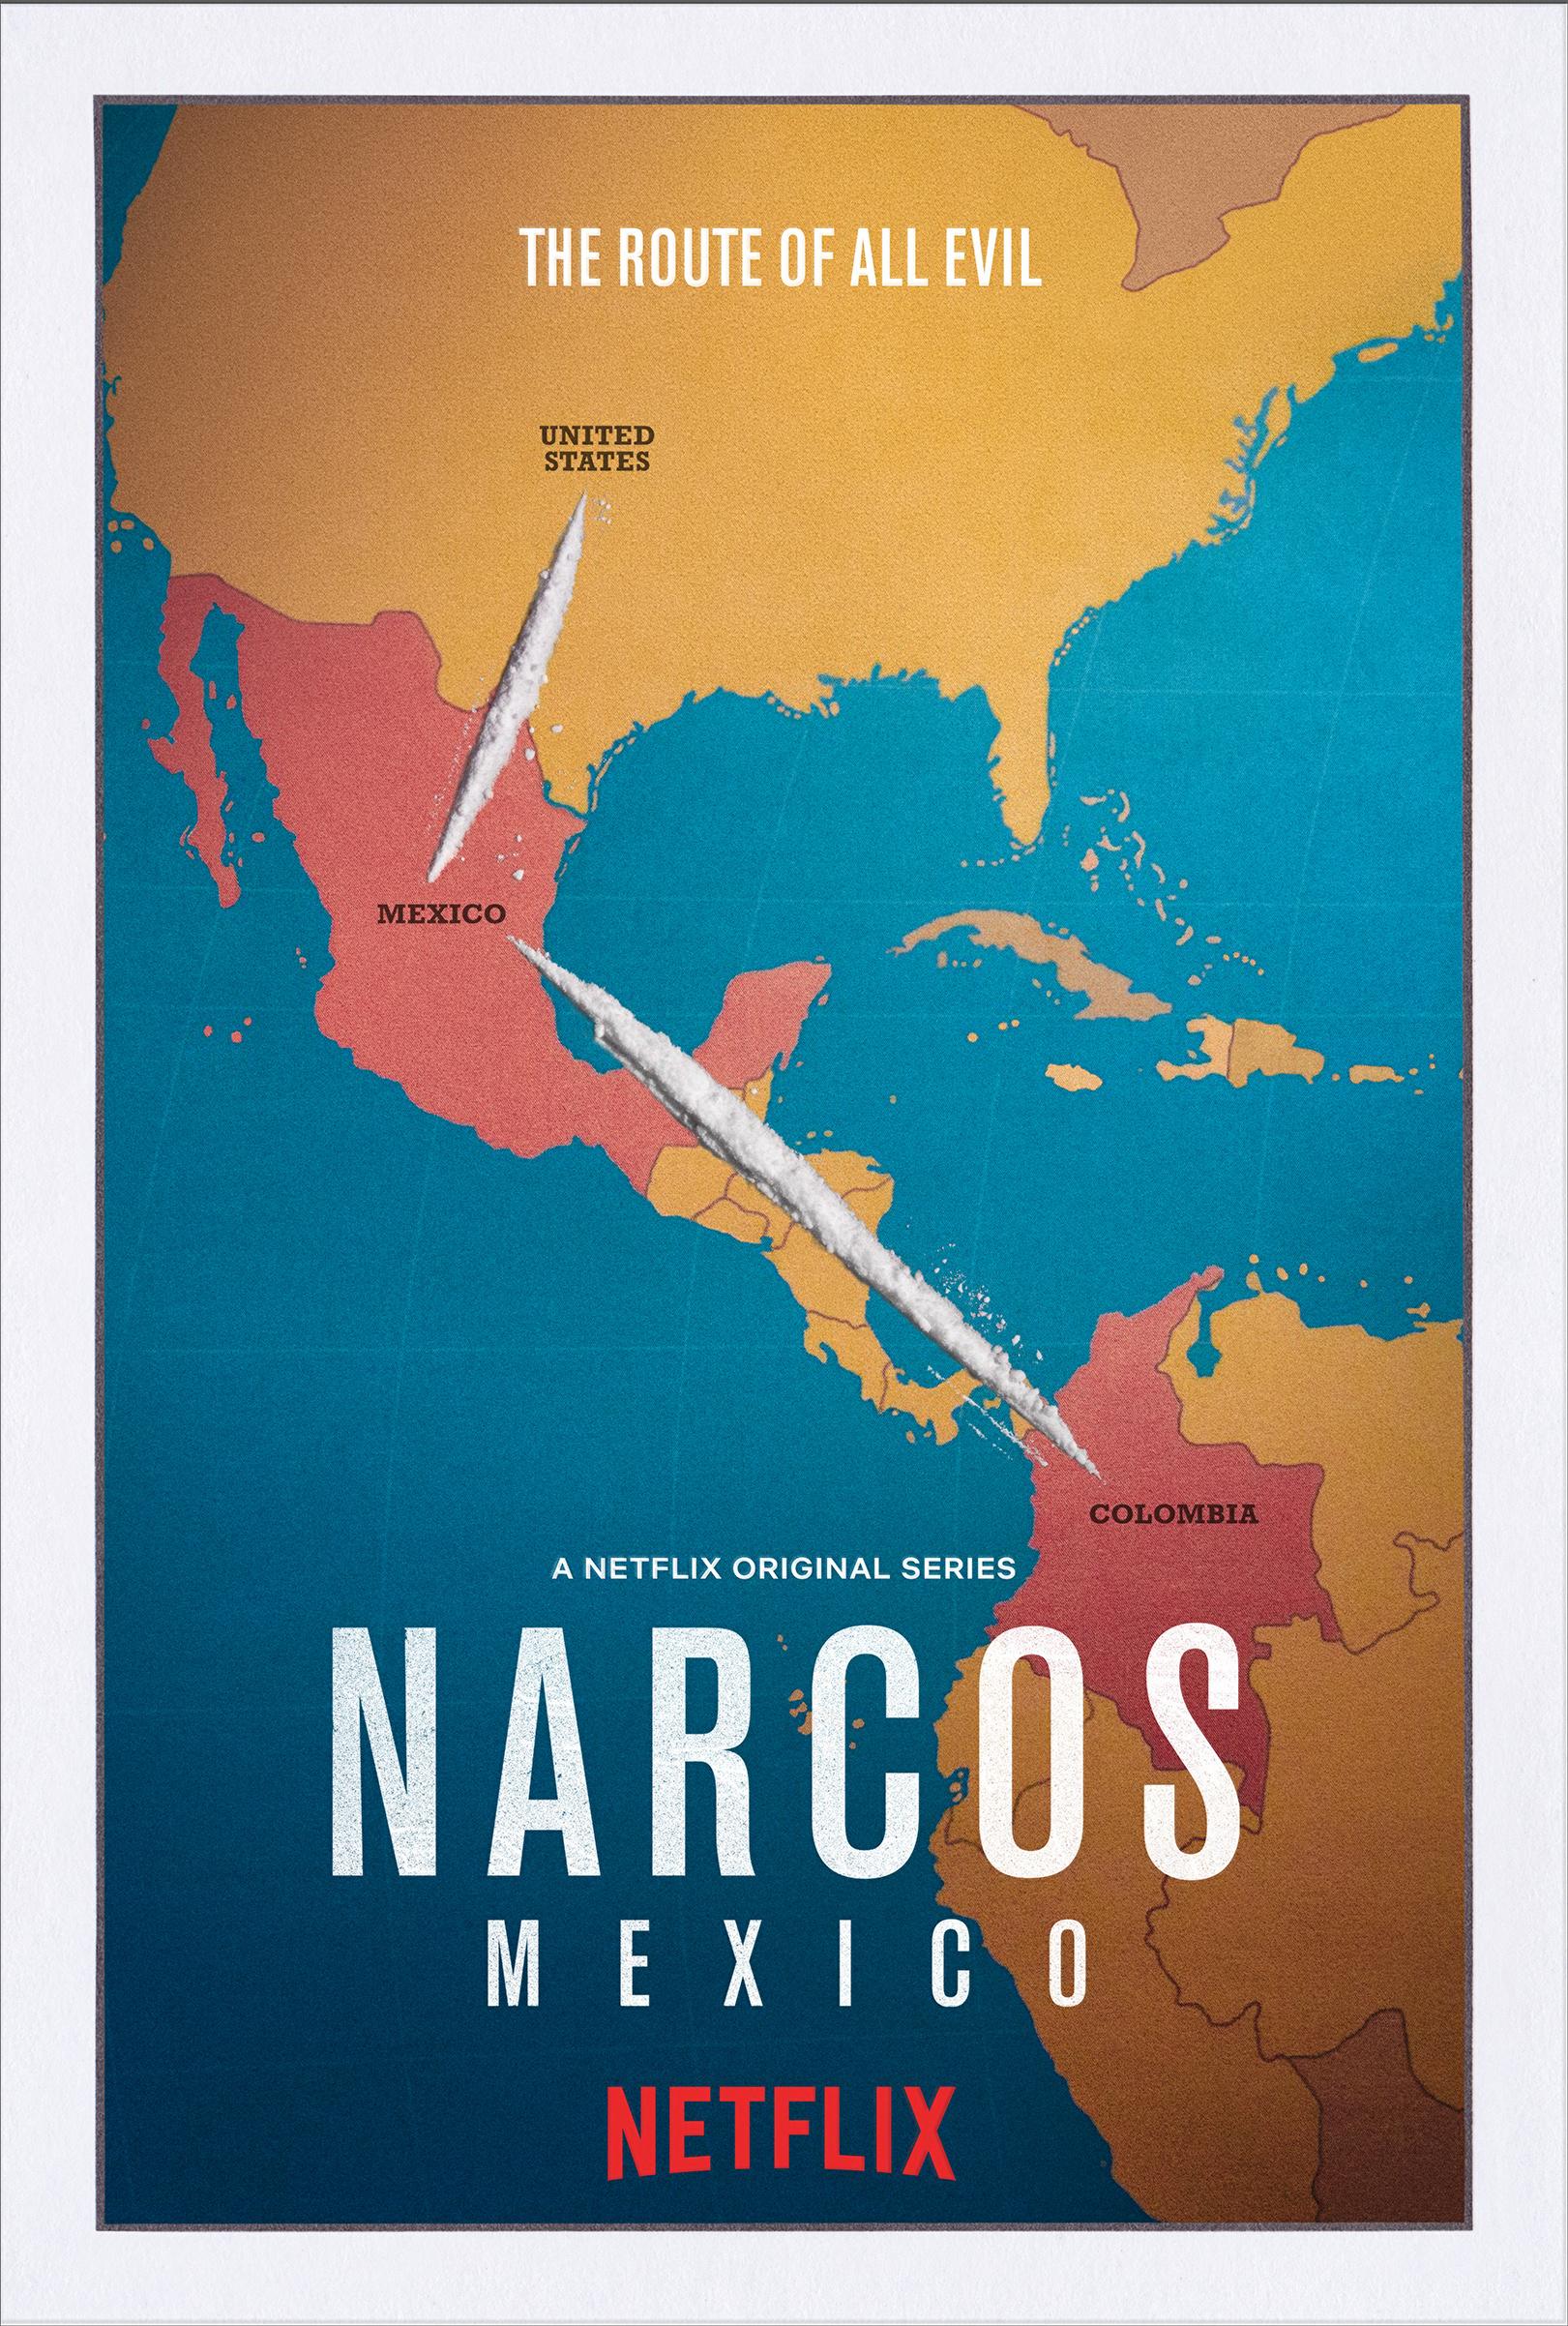 Thumbnail for Narcos Mexico Season 1 Teaser Copy